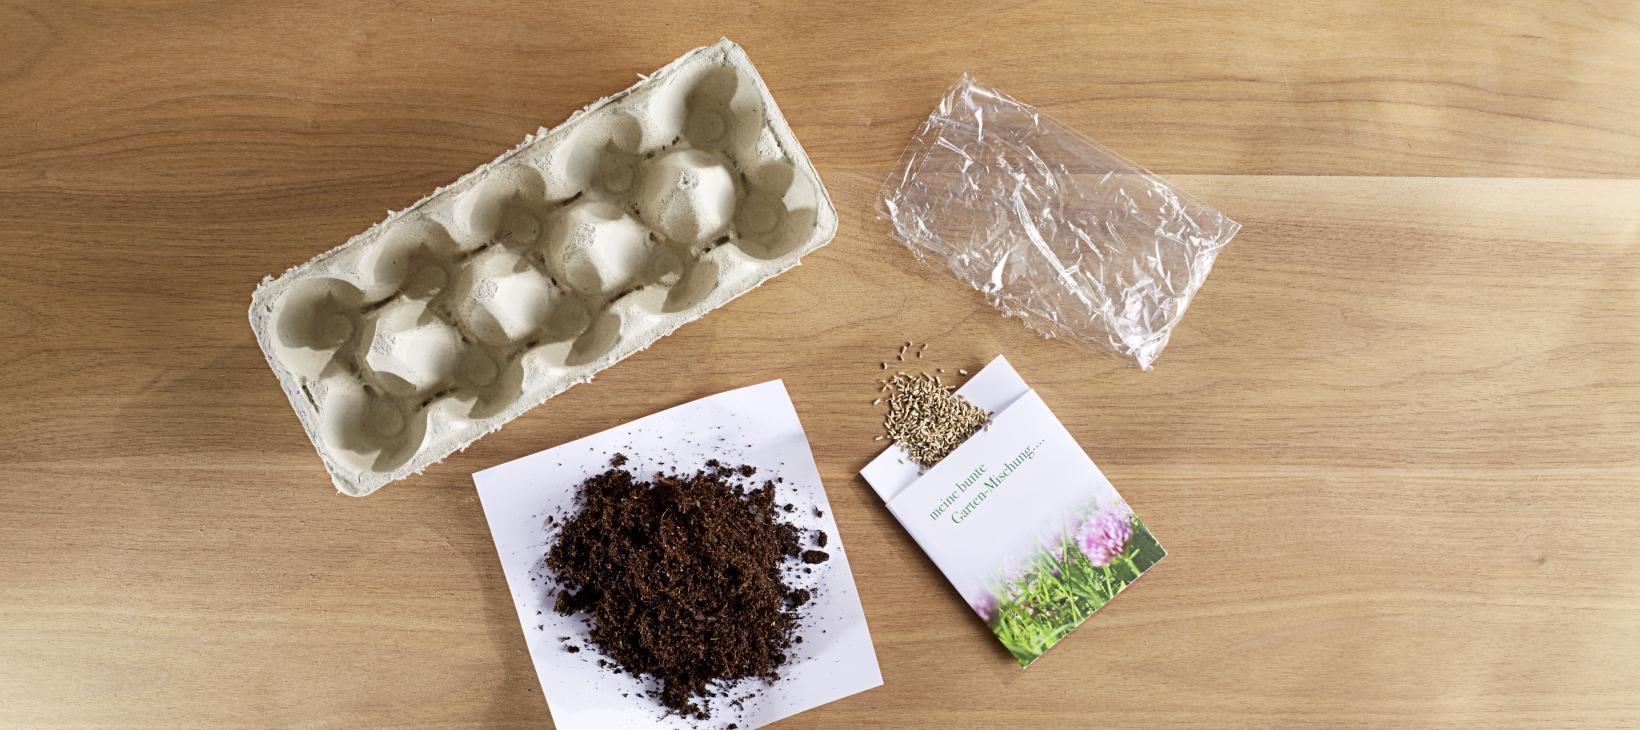 Anzuchtbeet Tipp Material: Eierkarton